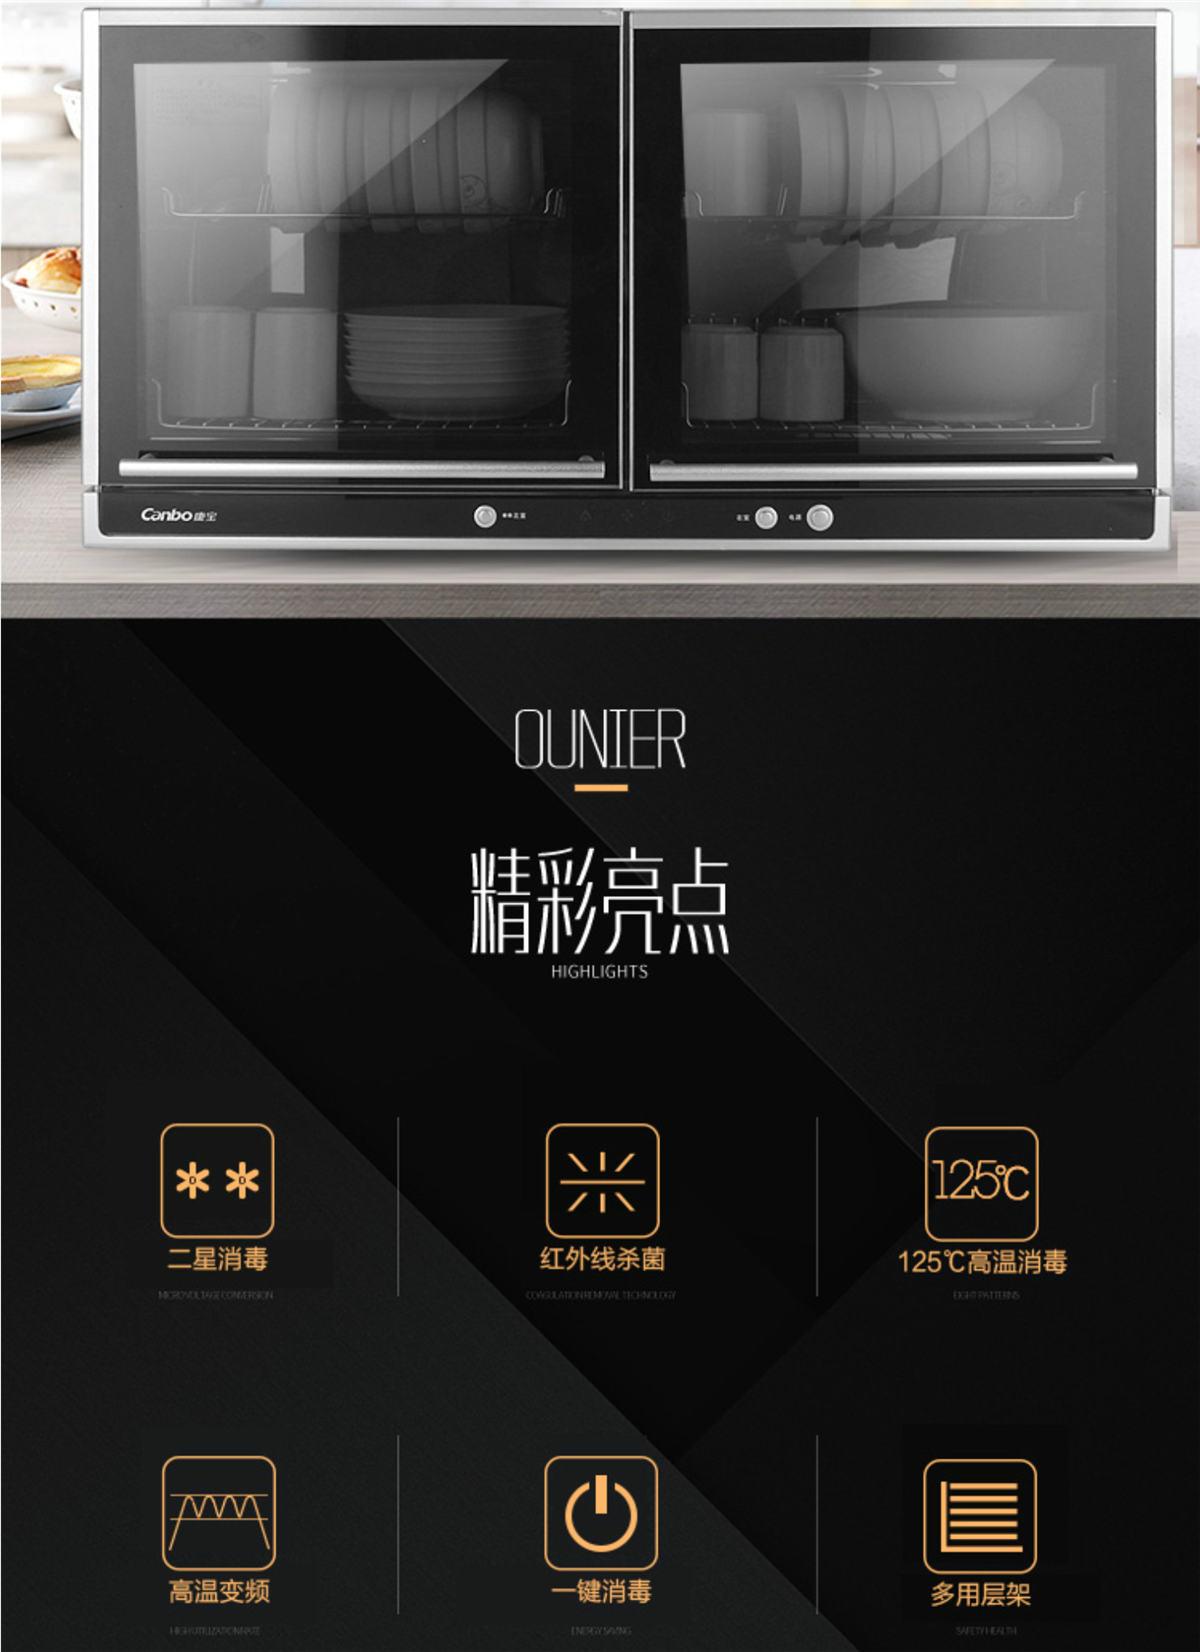 康宝消毒柜XDZ60-A21C(500W)图解